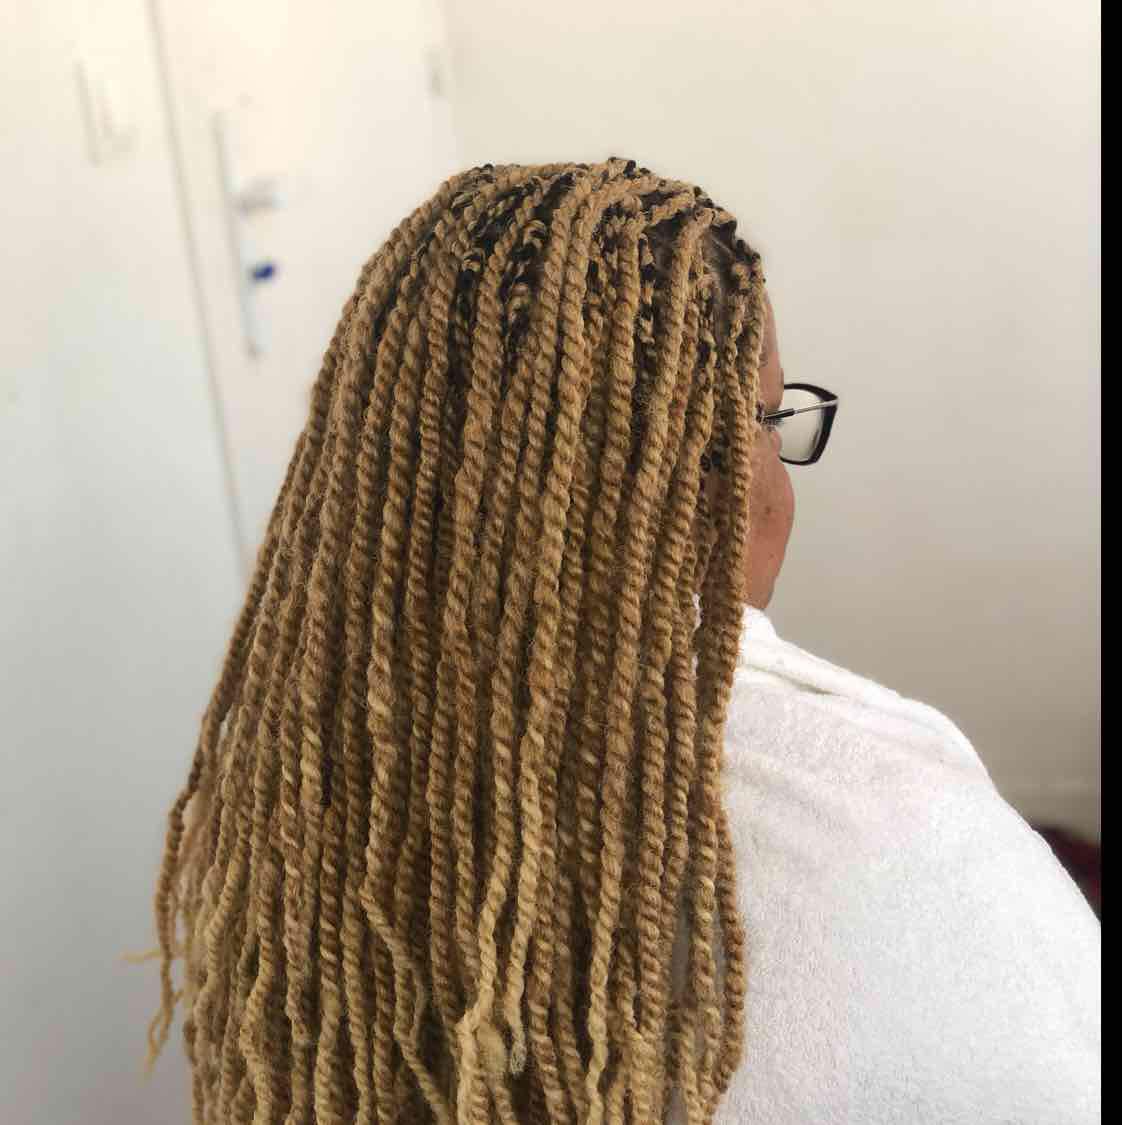 salon de coiffure afro tresse tresses box braids crochet braids vanilles tissages paris 75 77 78 91 92 93 94 95 SPIXXPKY